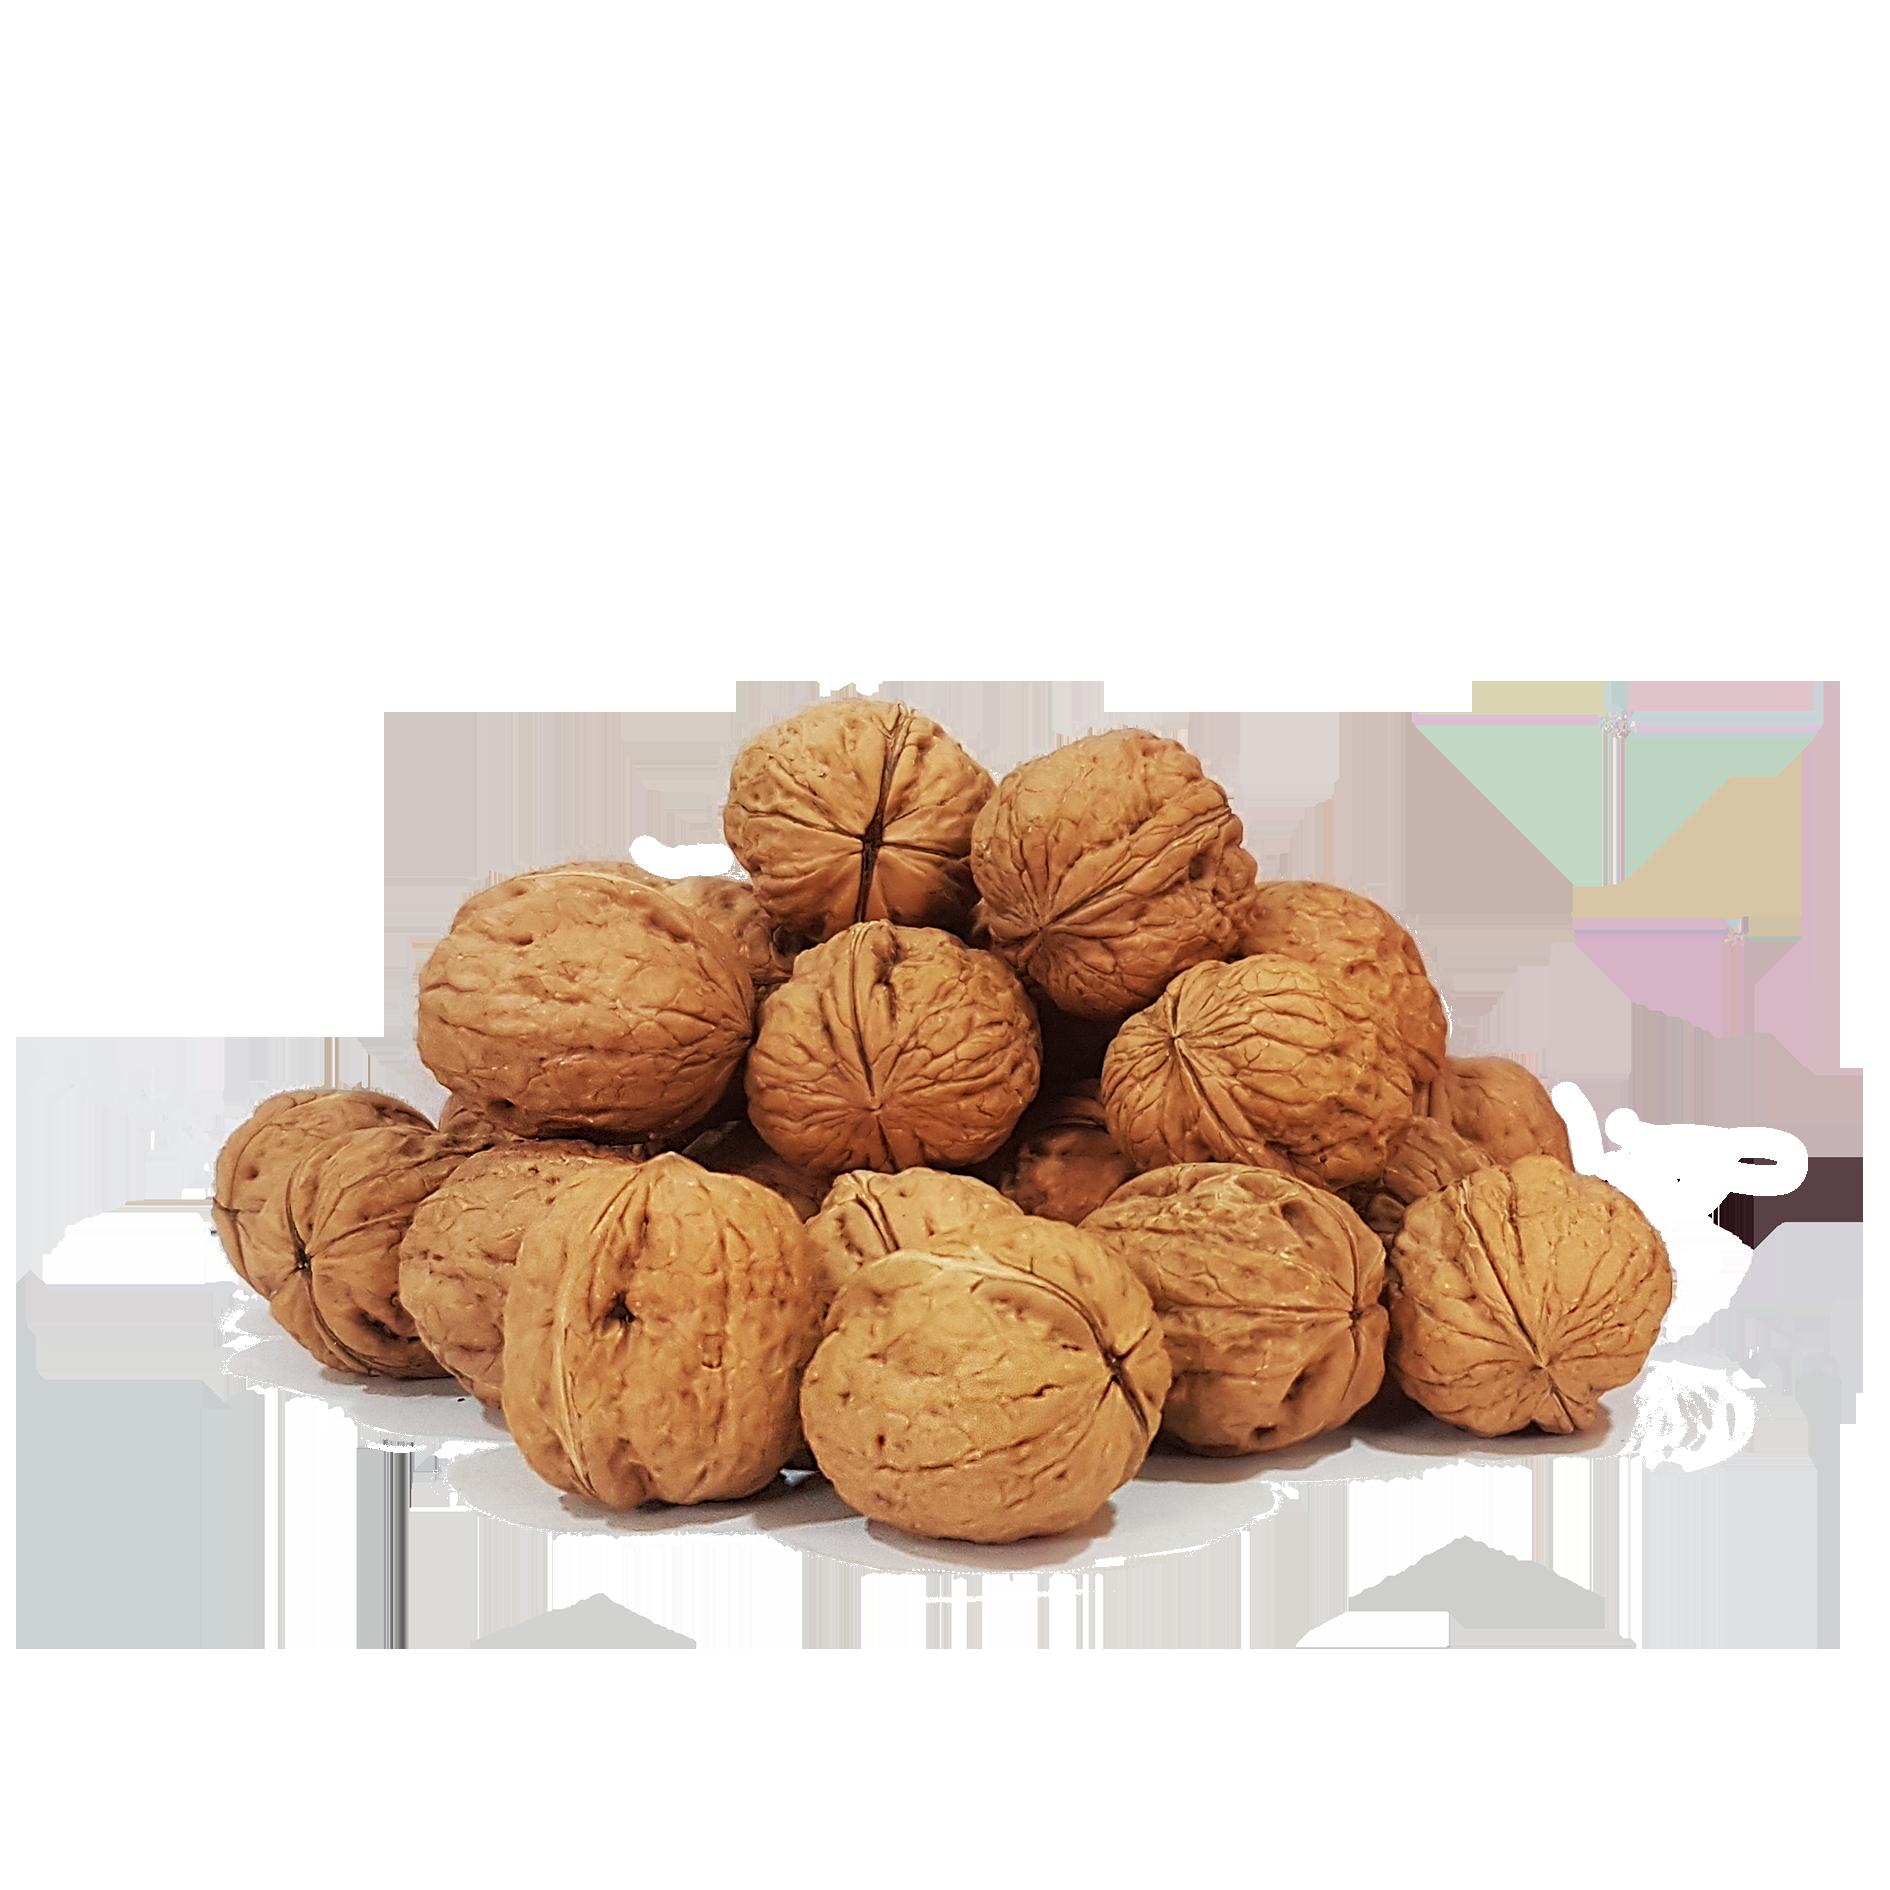 Productores de nueces españolas. Productor de nueces